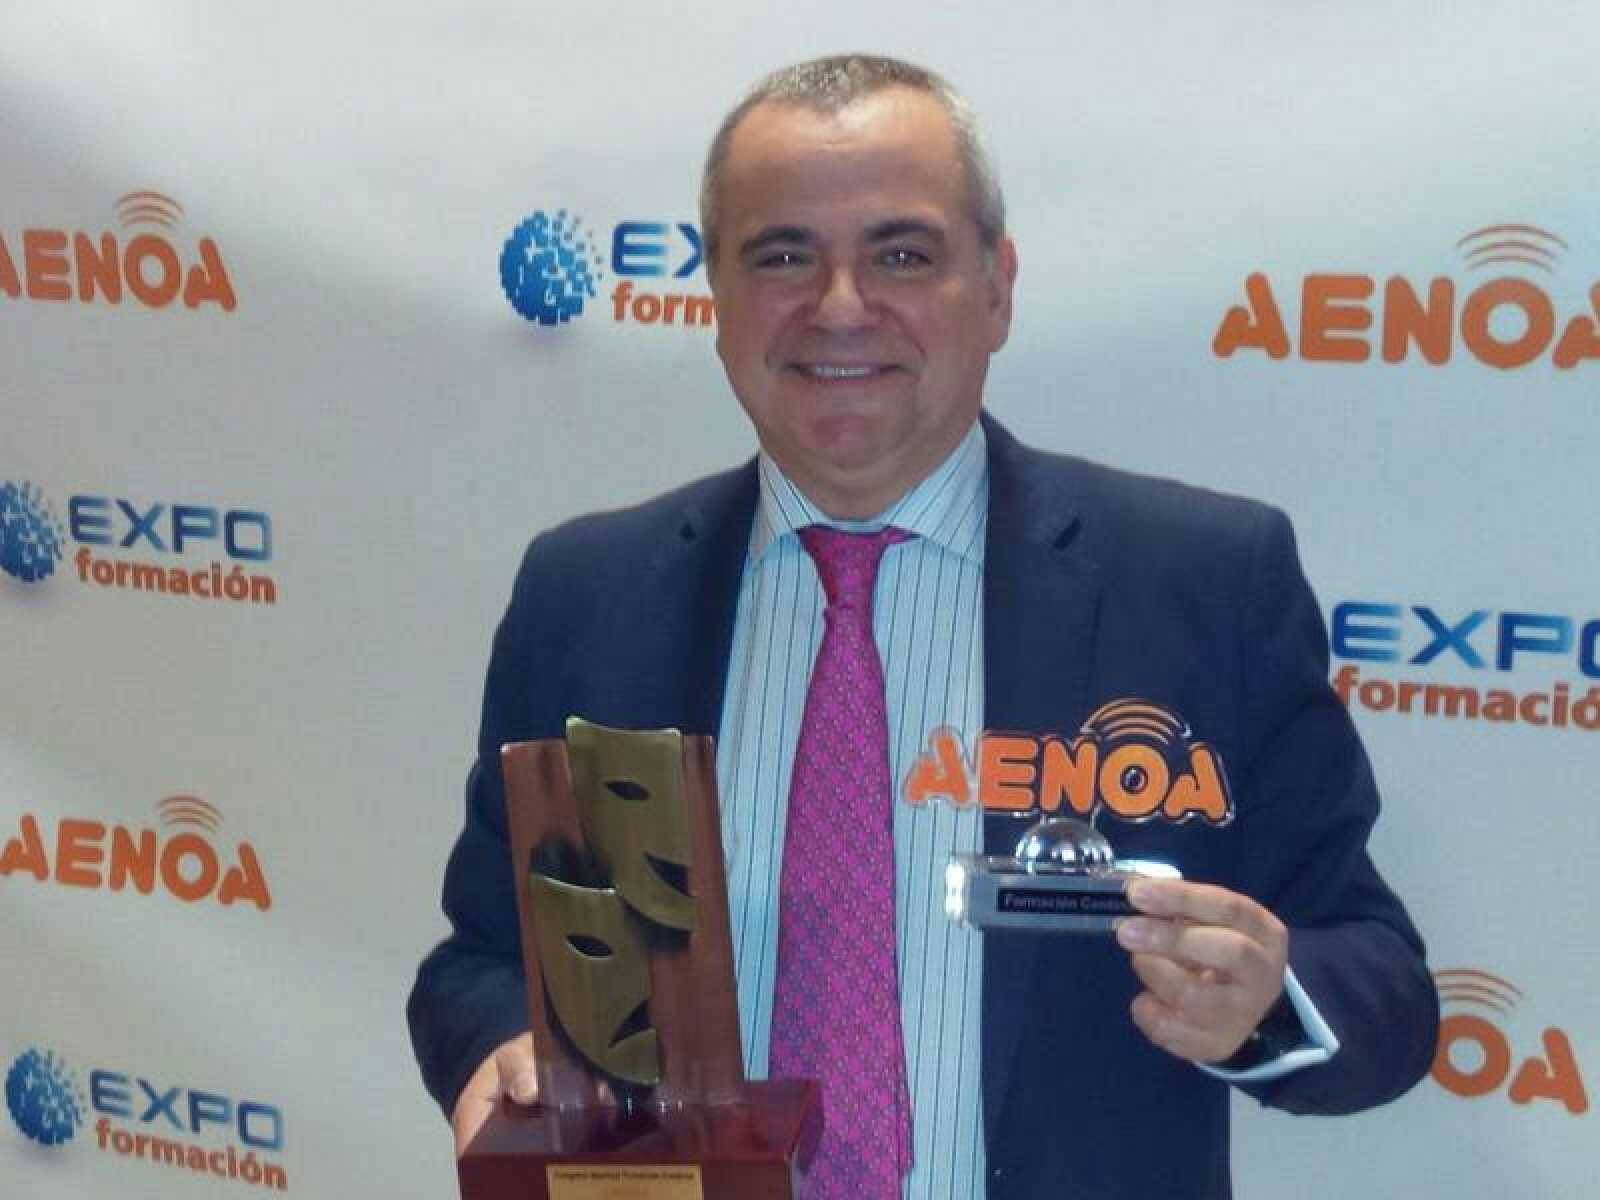 Premio AENOA 2016